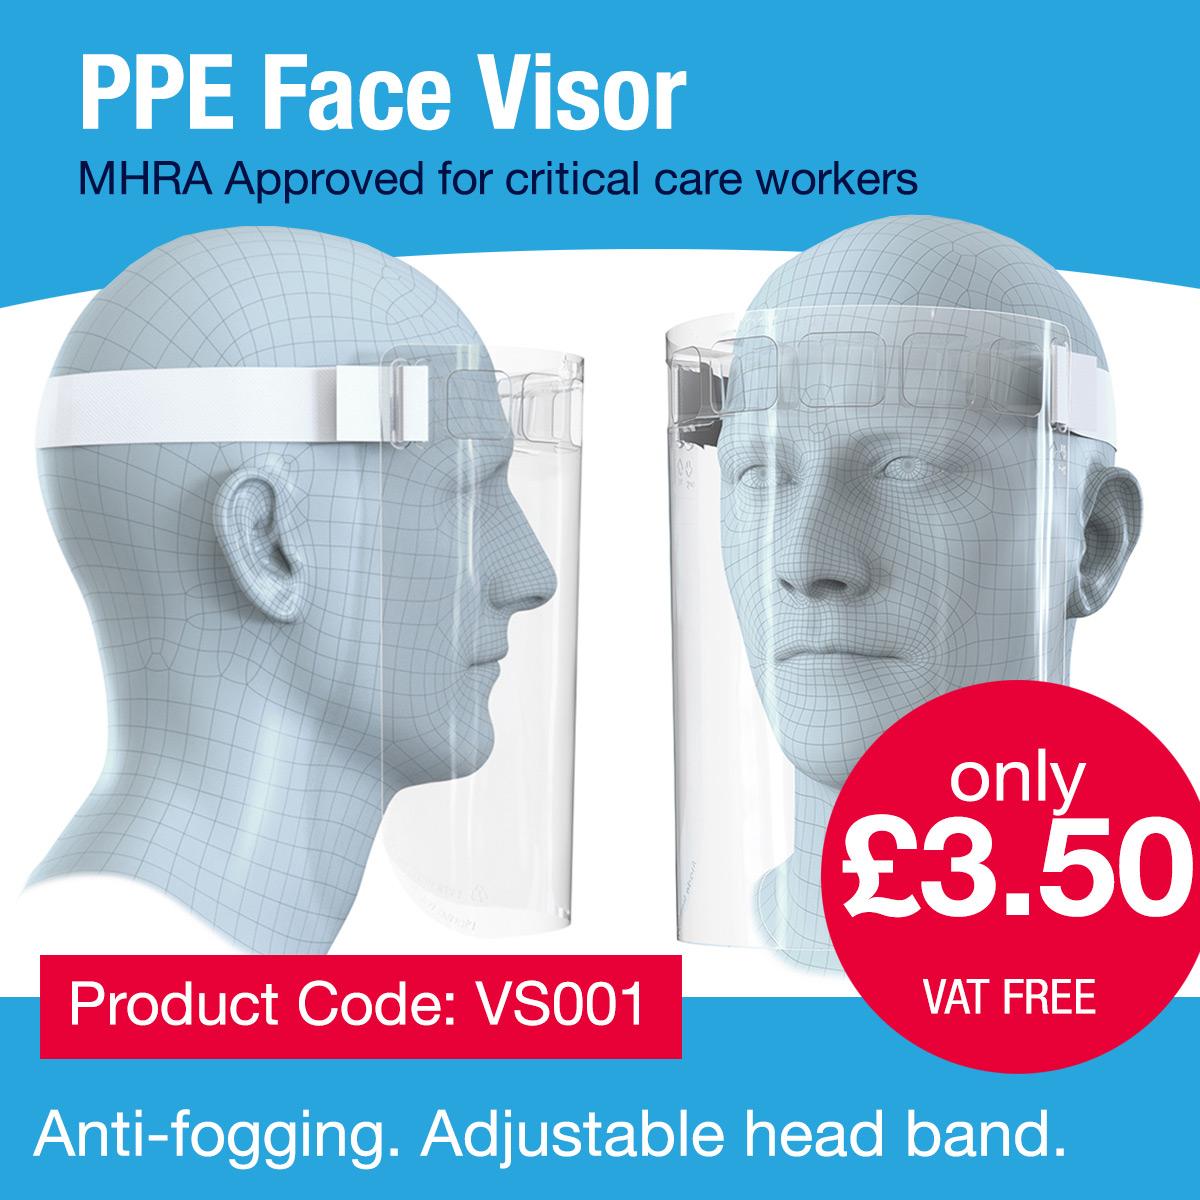 PPE Face Visor